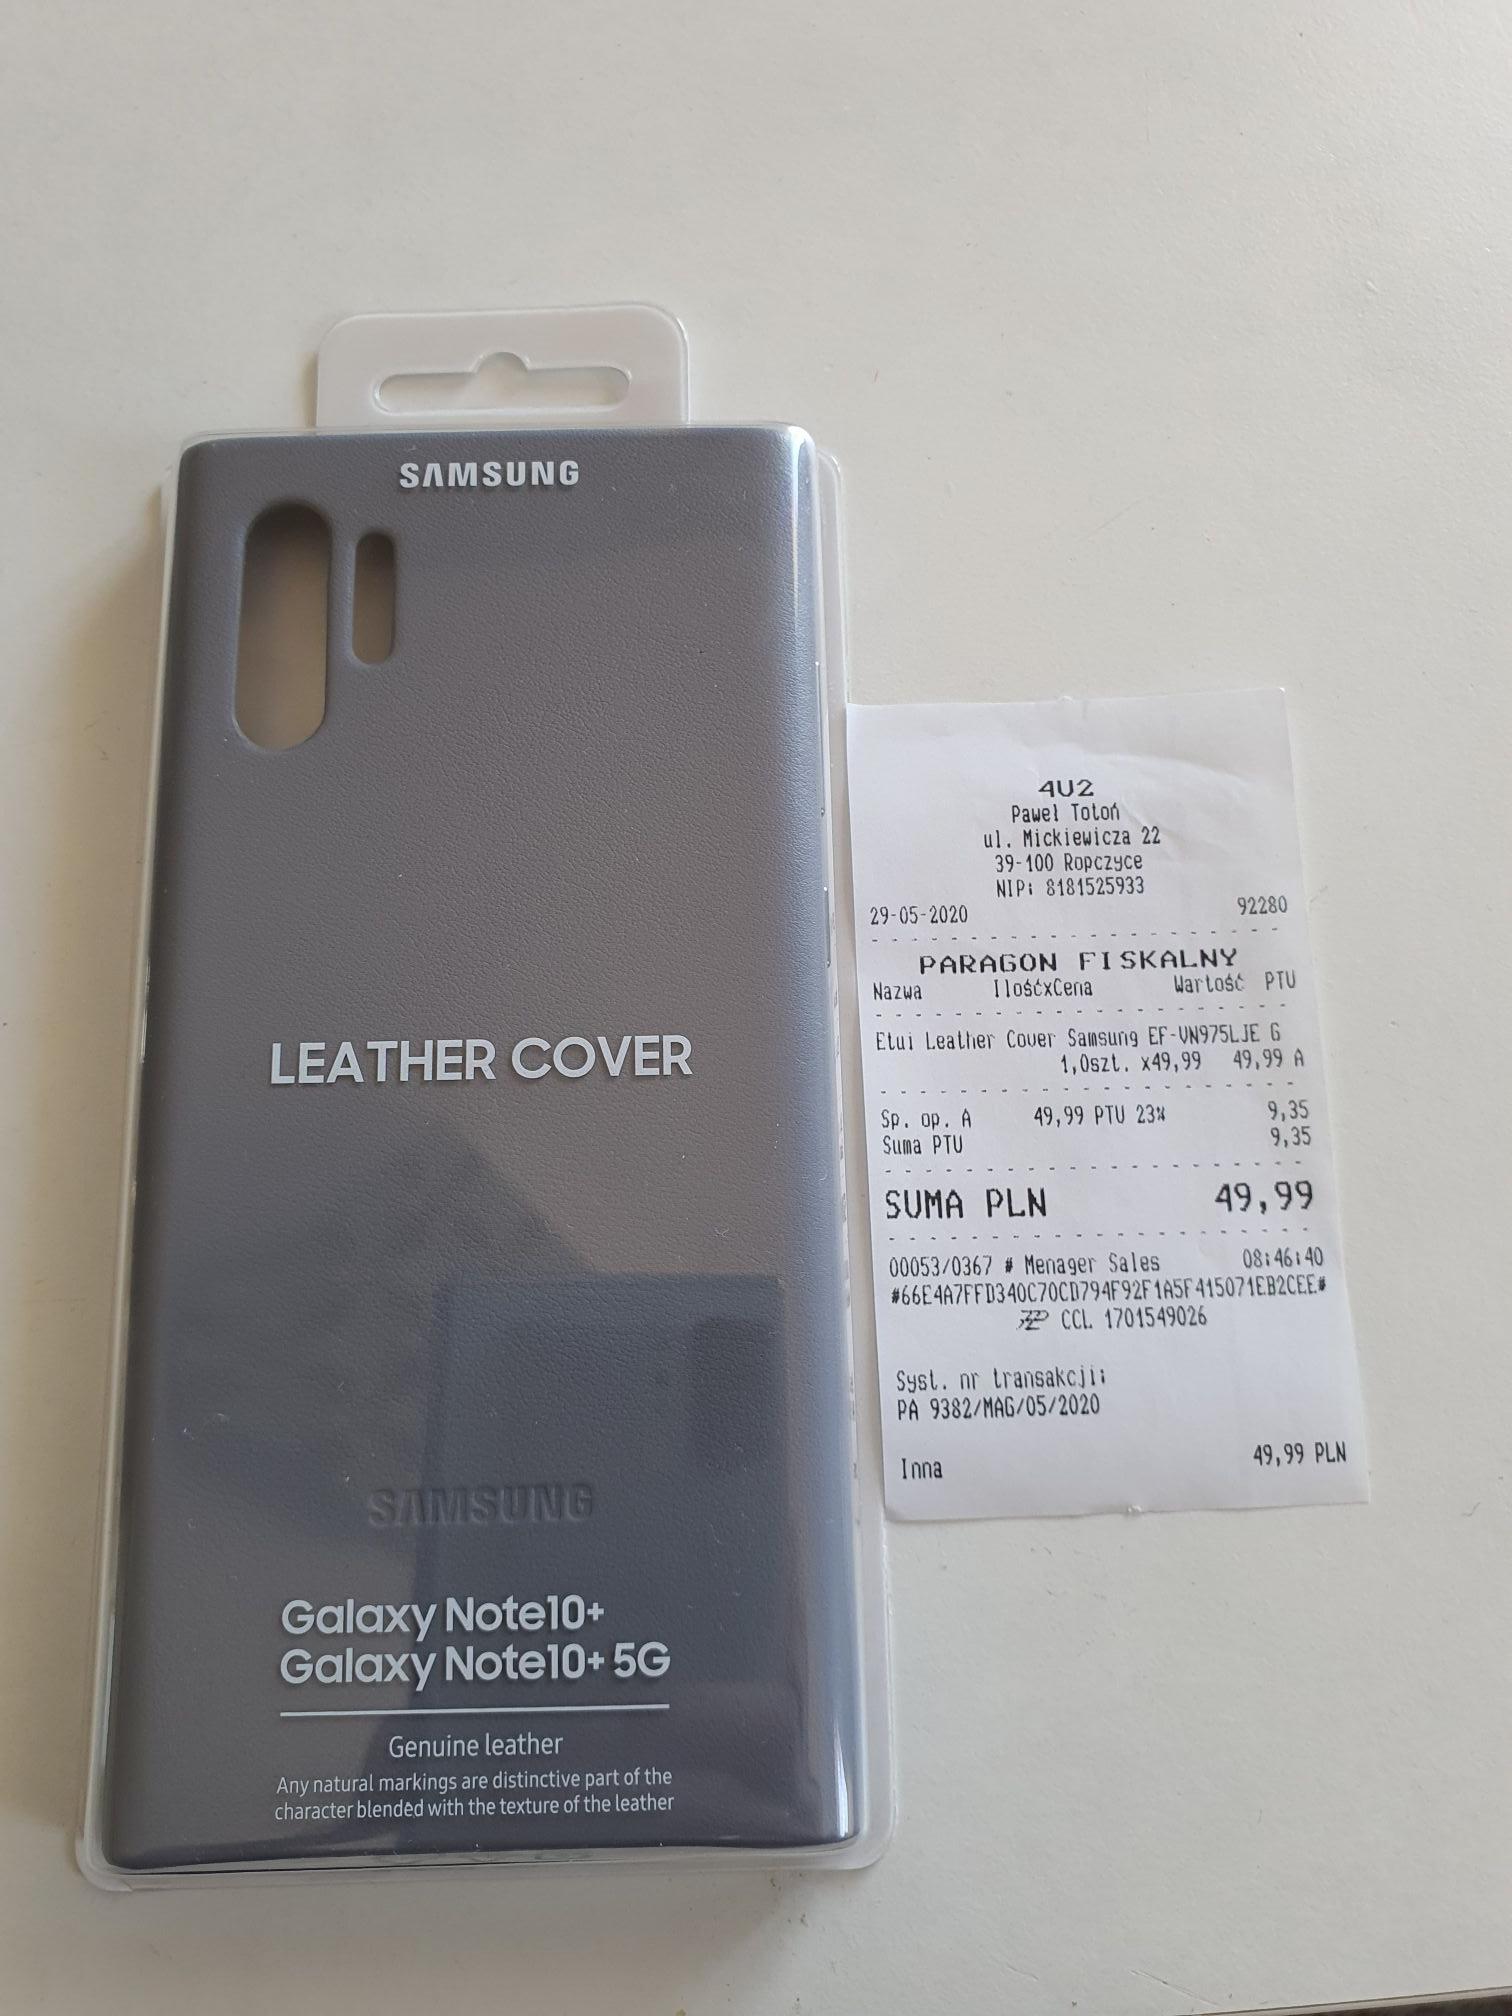 SAMSUNG ETUI EF-VN975 GALAXY Note 10+ Leather